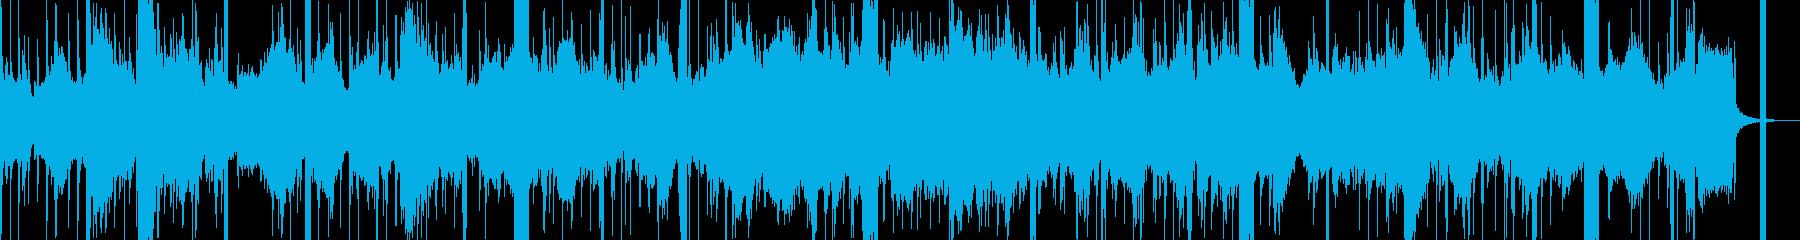 【アンビエント】 データの中の世界観の再生済みの波形